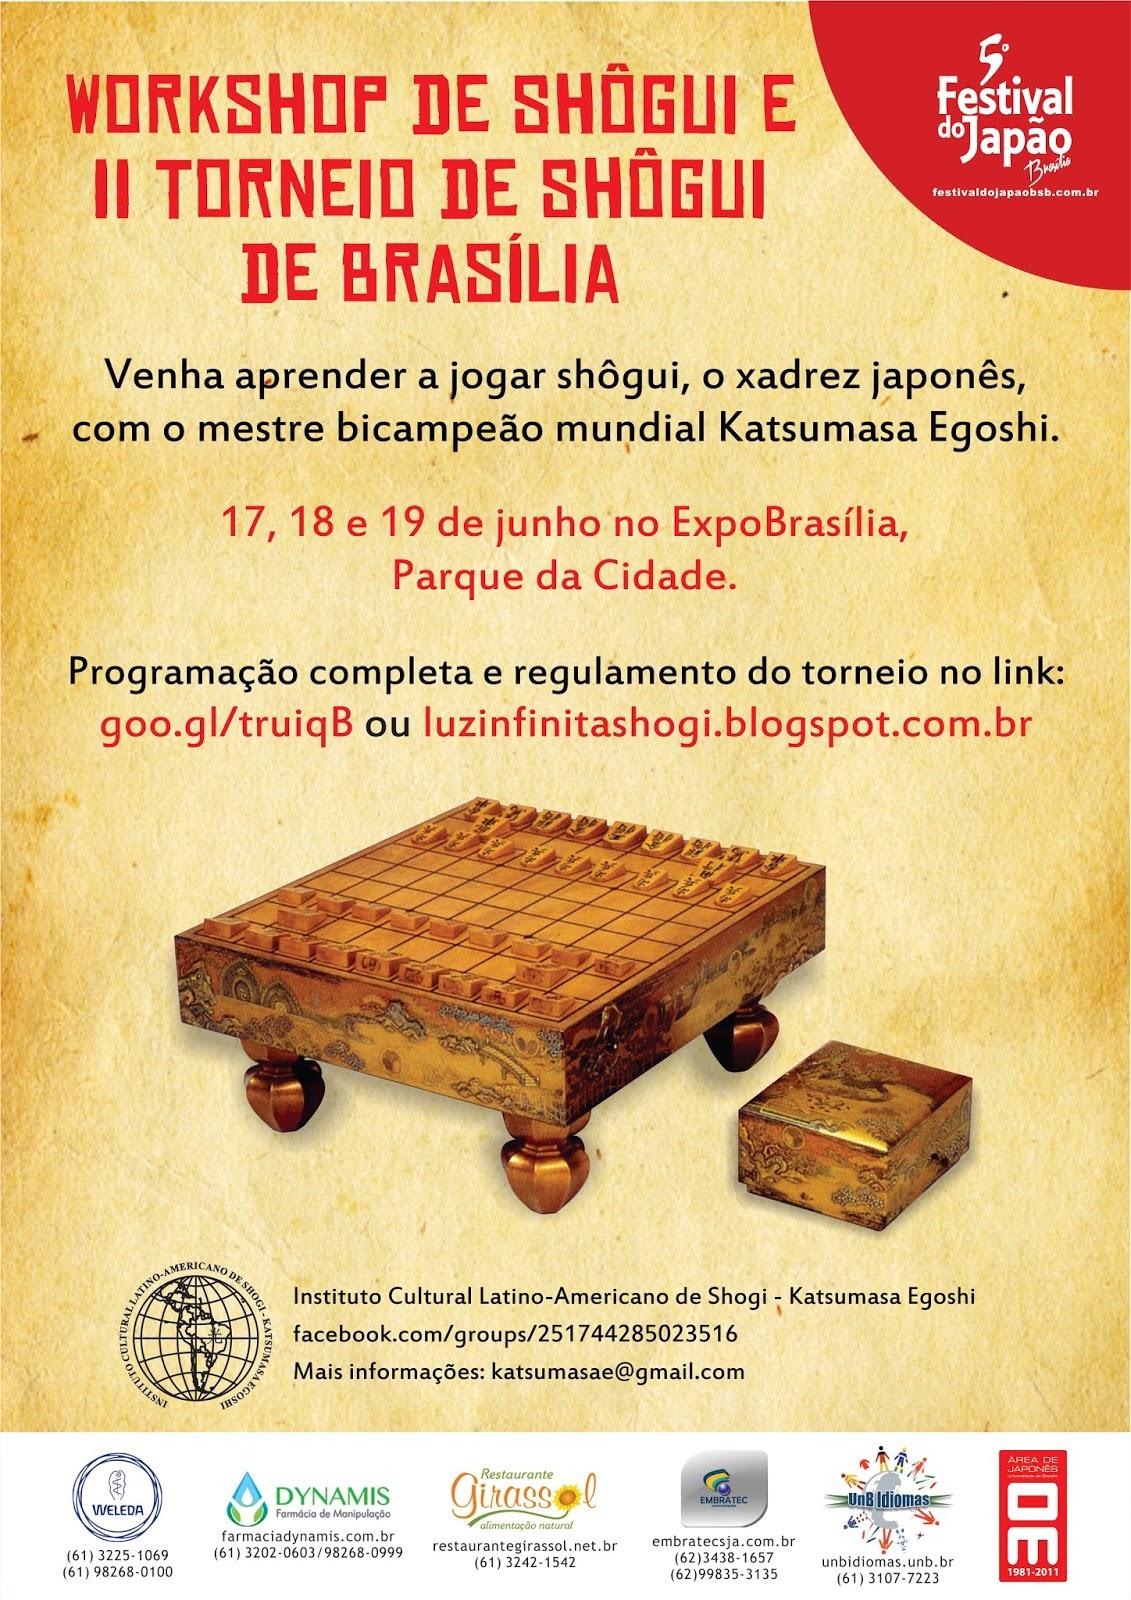 workshop e ii torneio de shogi brasilia no 5 festival do japao. Black Bedroom Furniture Sets. Home Design Ideas